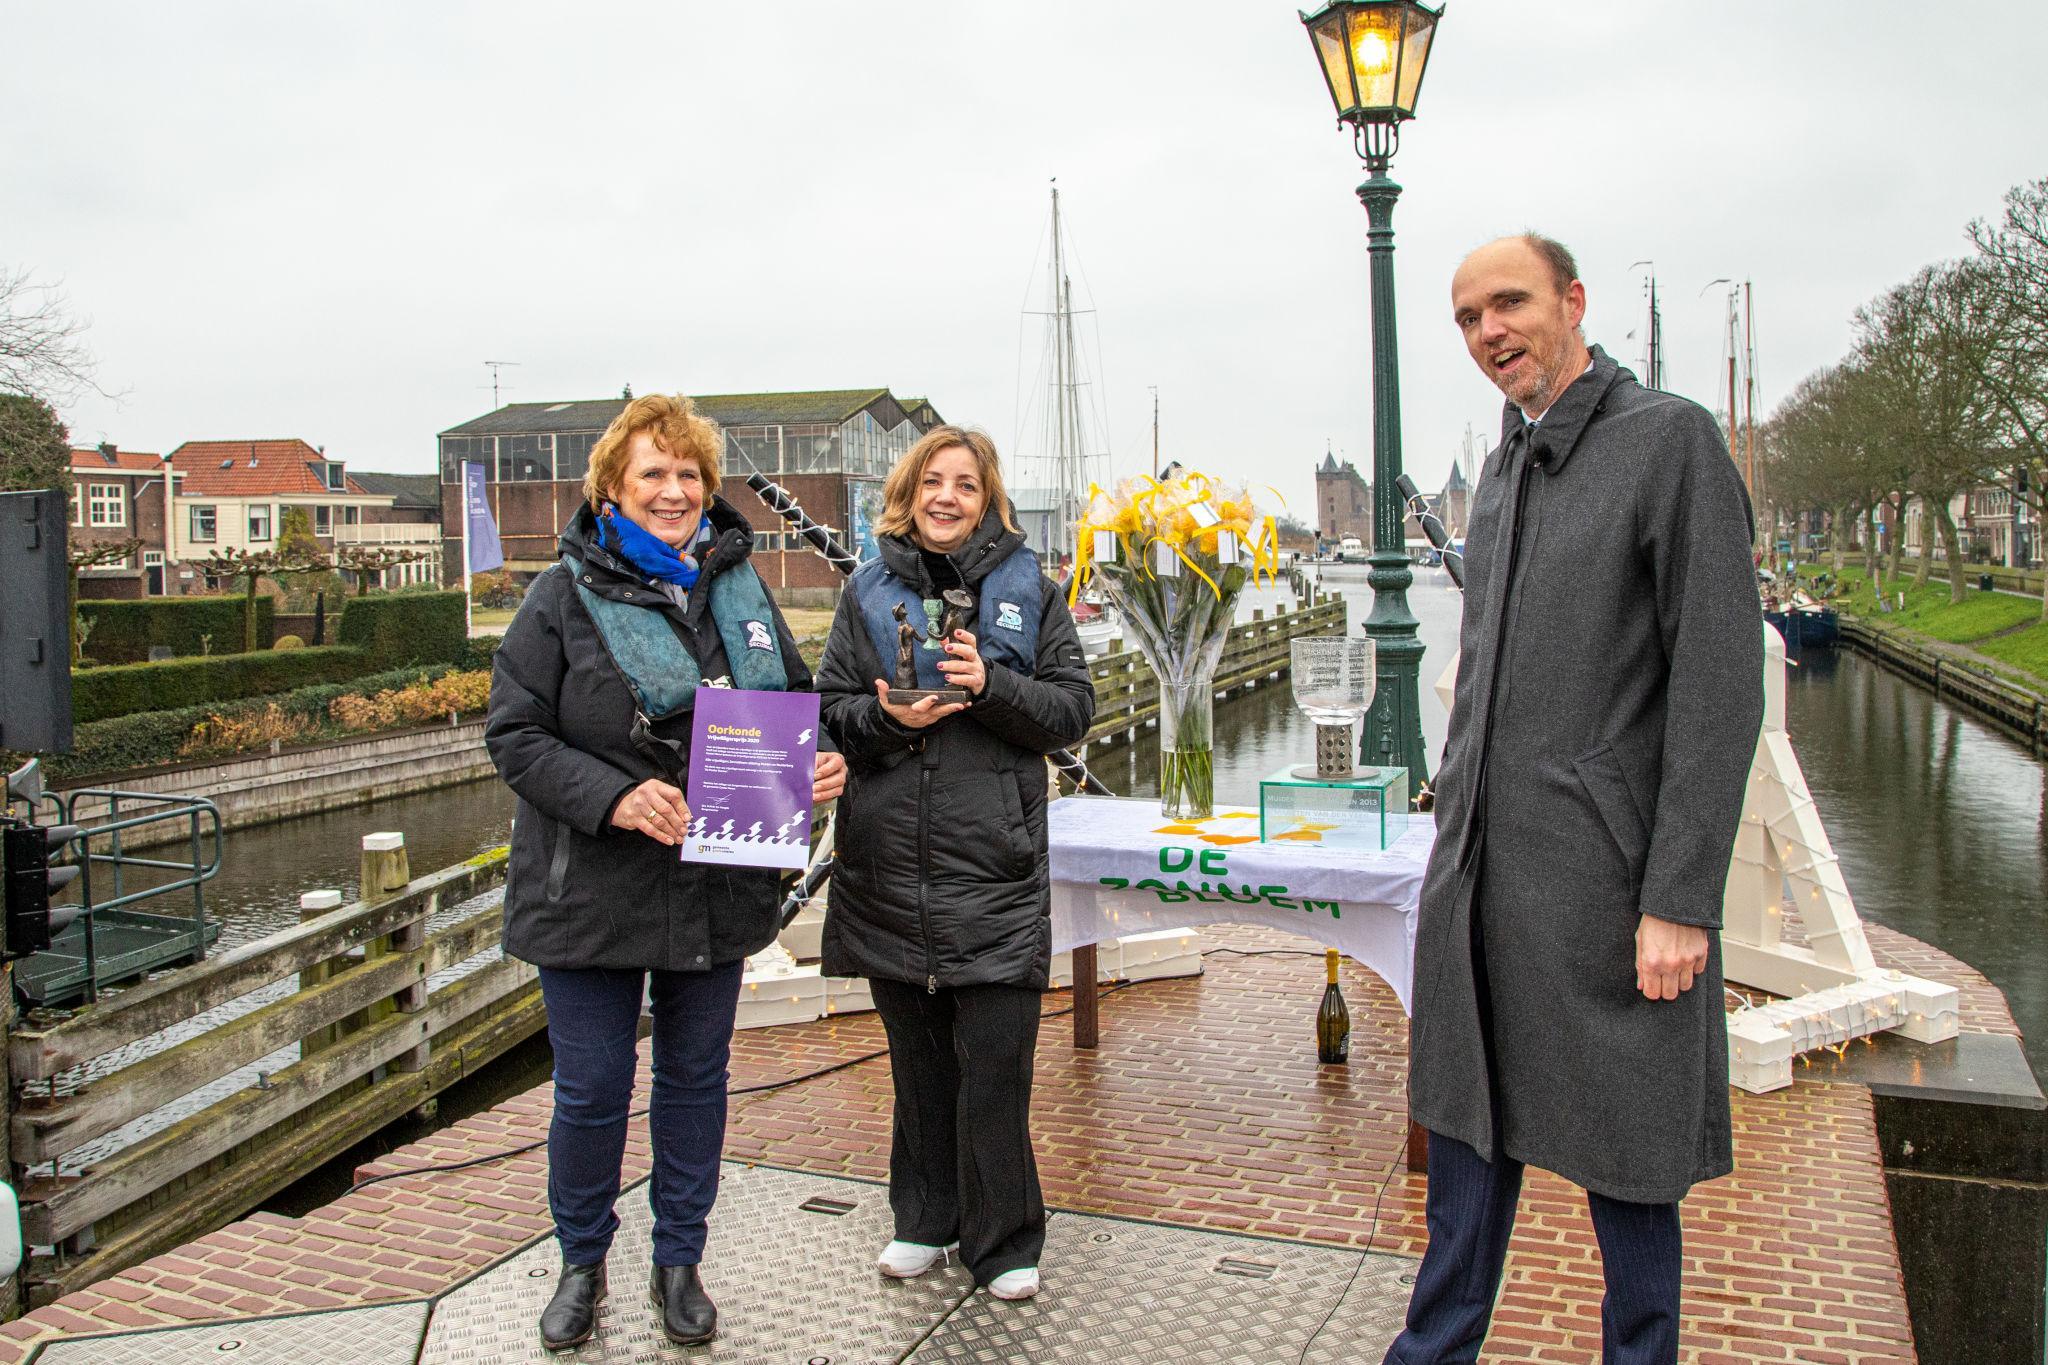 Geen smoezen nodig om winnaars vrijwilligersprijzen naar gemeentehuis te lokken; Gooise Meren eert ze alle vier in nieuwjaarsvideo